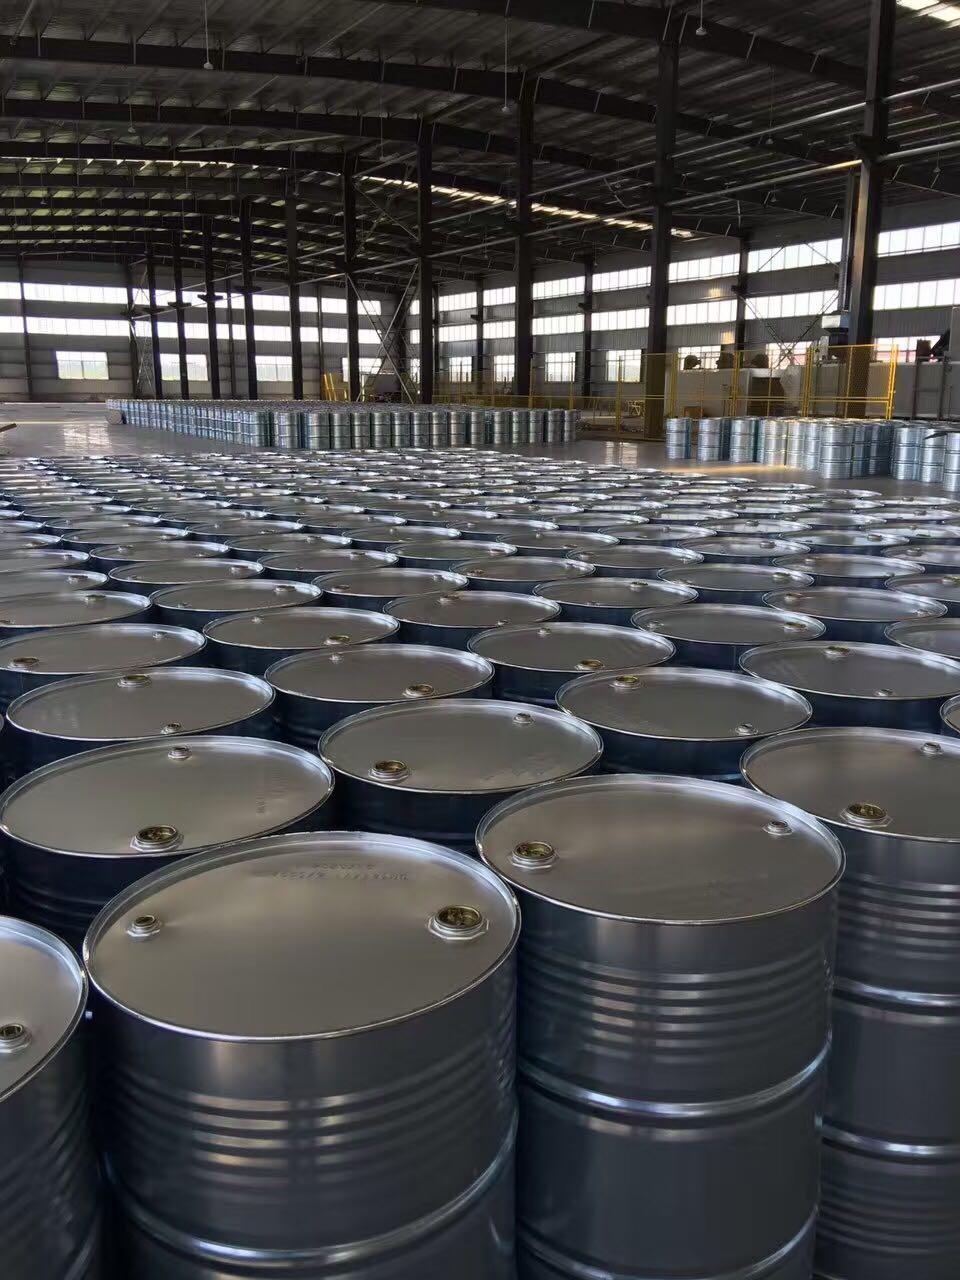 来自经先生发布的供应信息:208升闭口镀锌桶,质优价廉,价格电议!... - 江苏上元容器制造有限公司